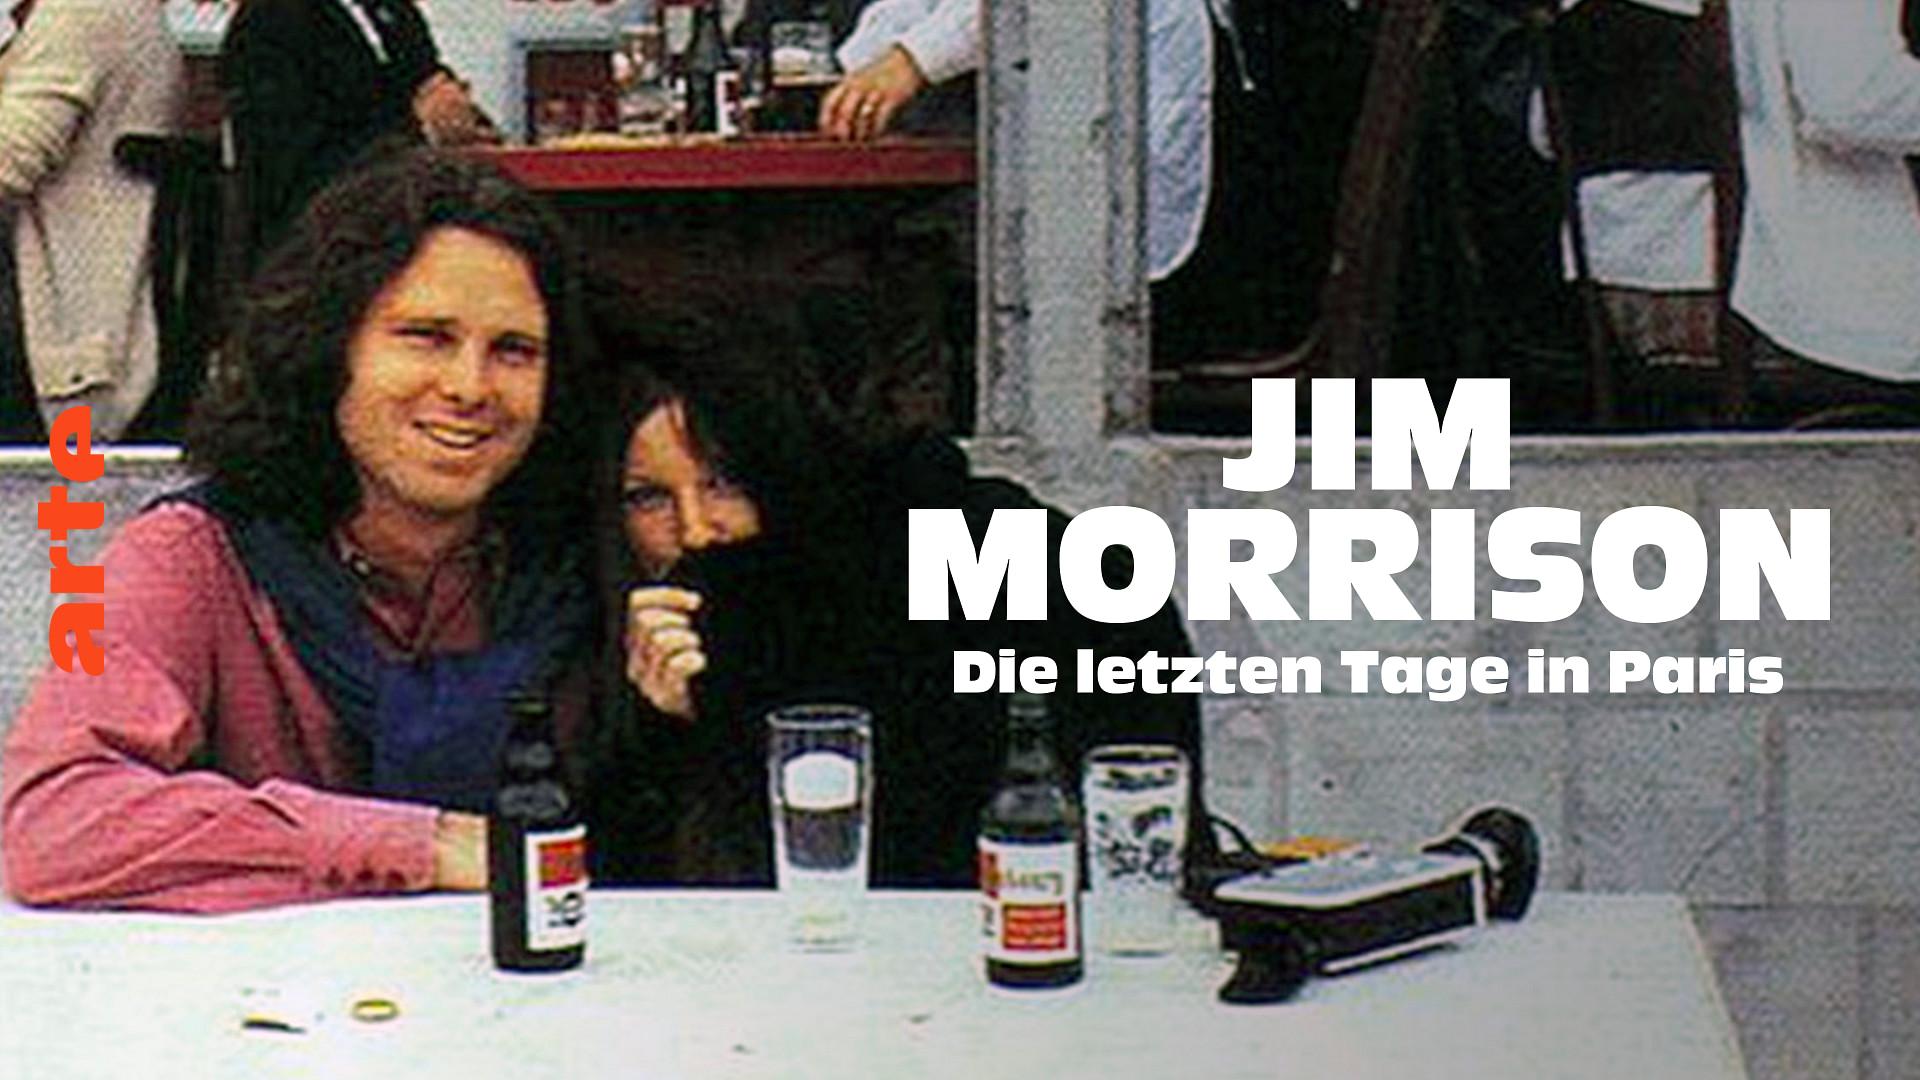 Jim Morrison: Die letzten Tage in Paris